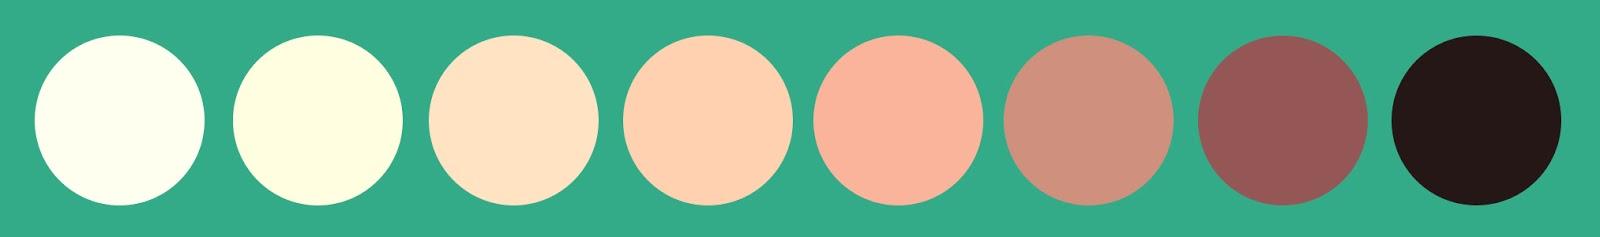 Ejcubillas Color Palette